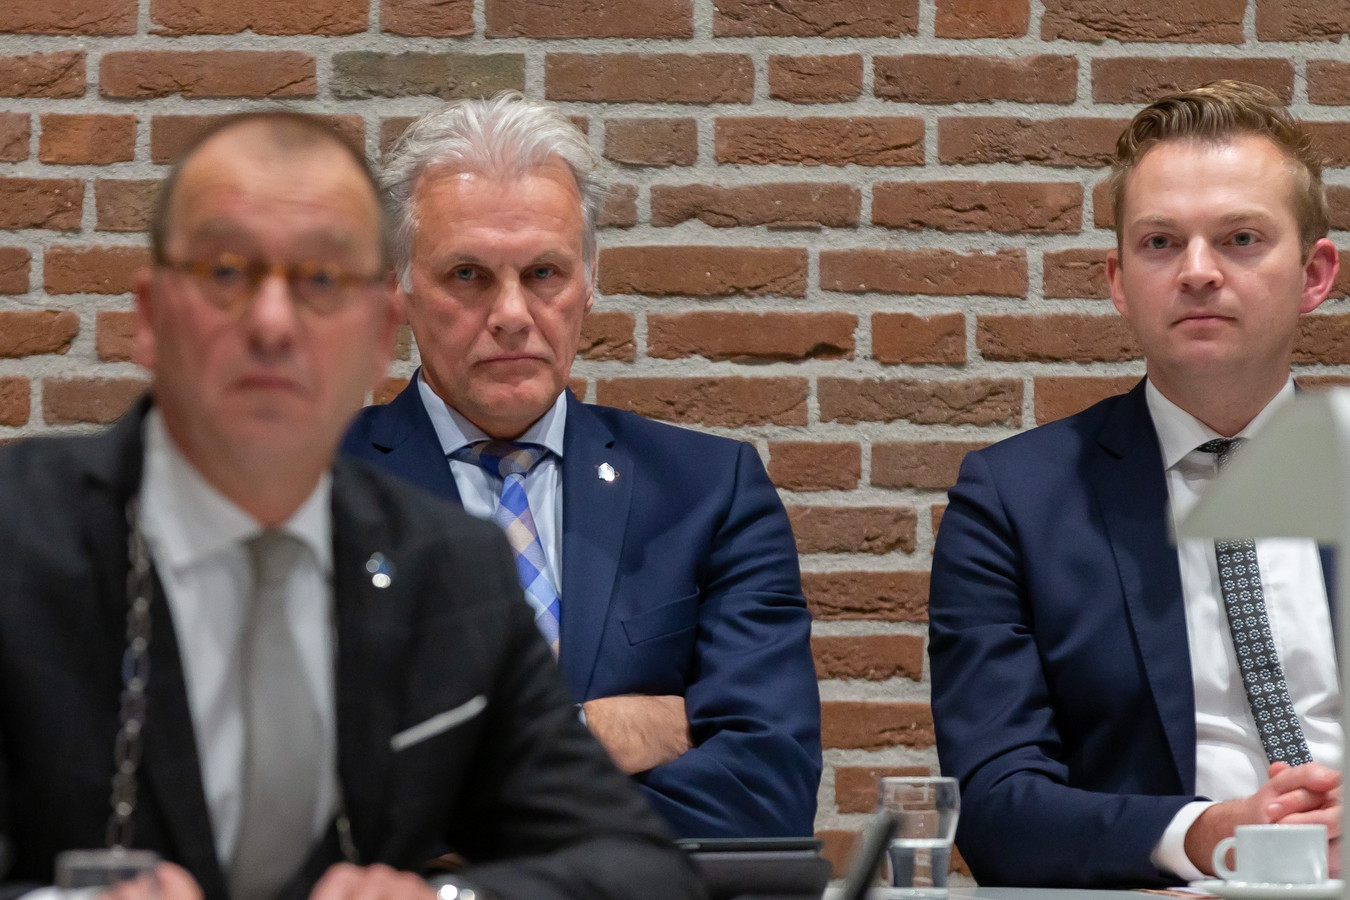 College Staphorst (l-r) Burgemeester Theo Segers, Wethouder Lucas Mulder, Wethouder Alwin Mussche.